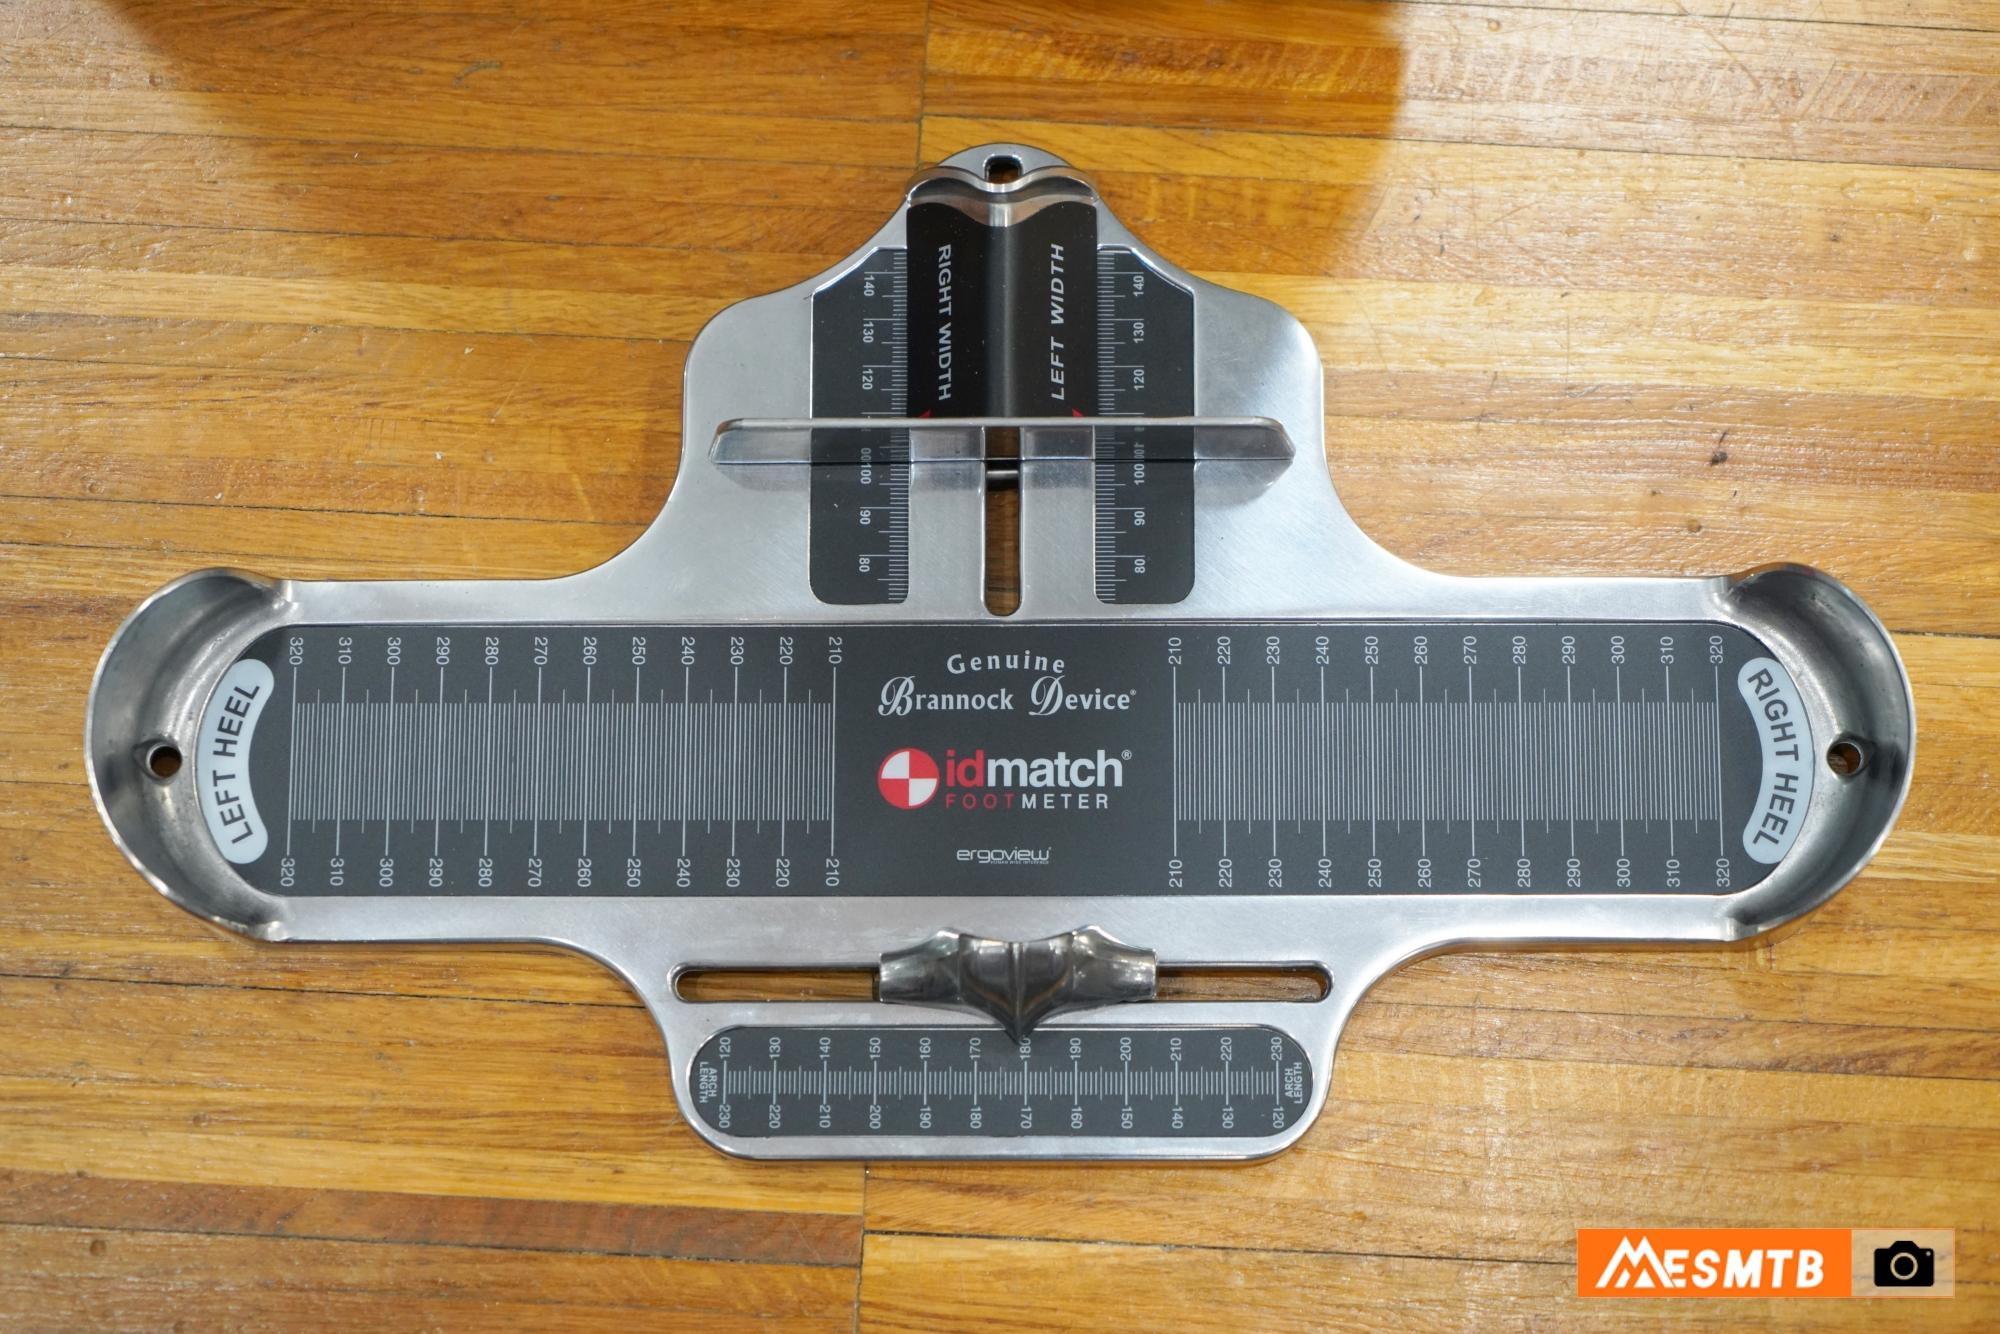 idmatch Foot Meter